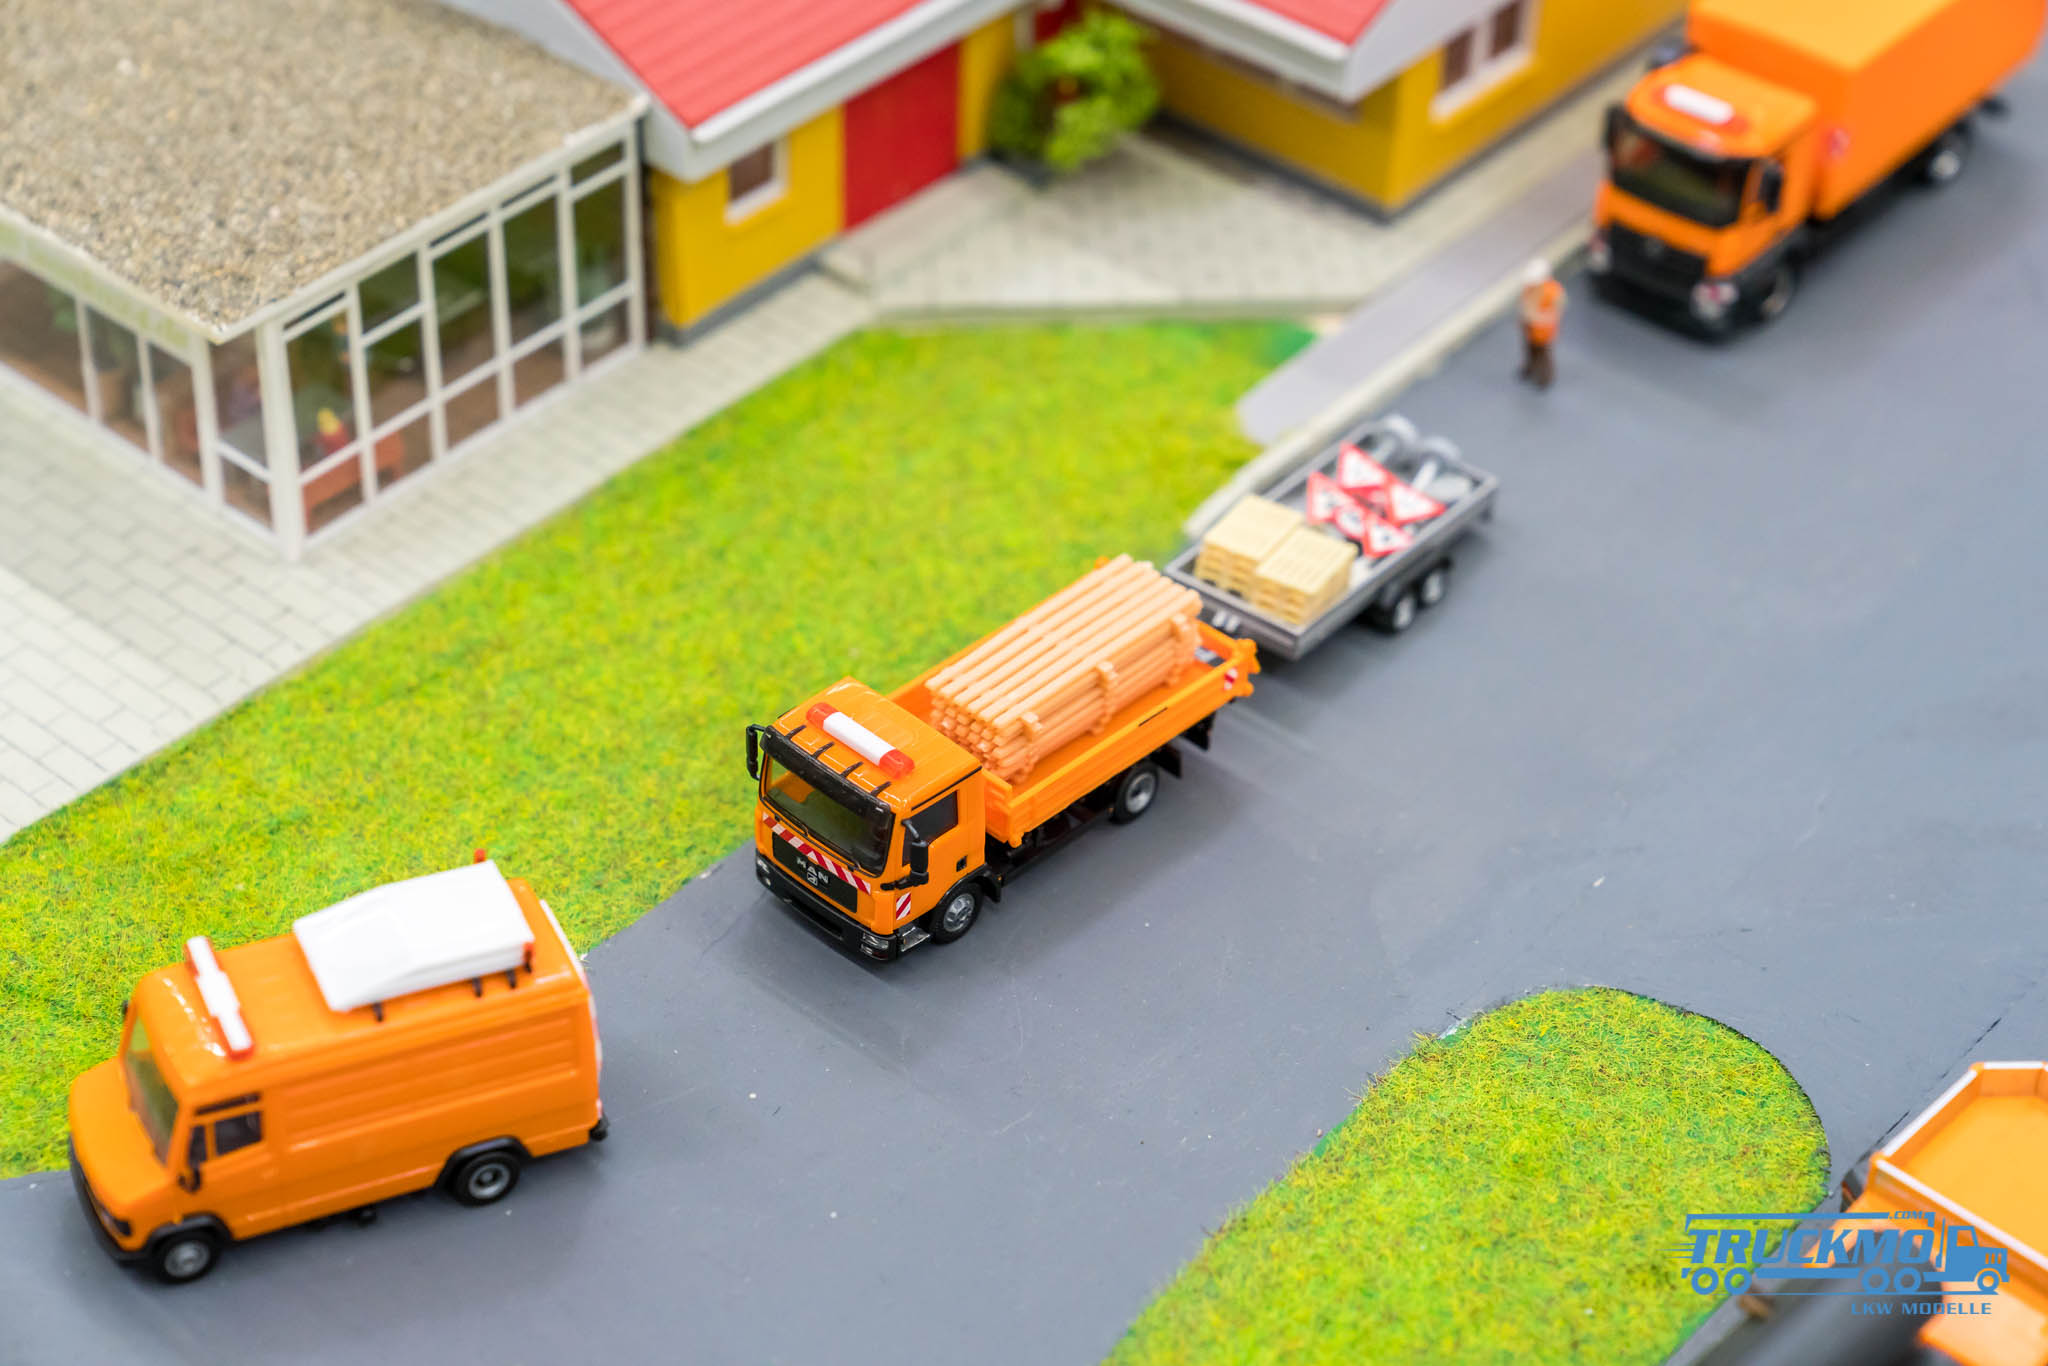 Truckmo_Modellbau_Ried_2017_Herpa_Messe_Modellbauausstellung (145 von 1177)